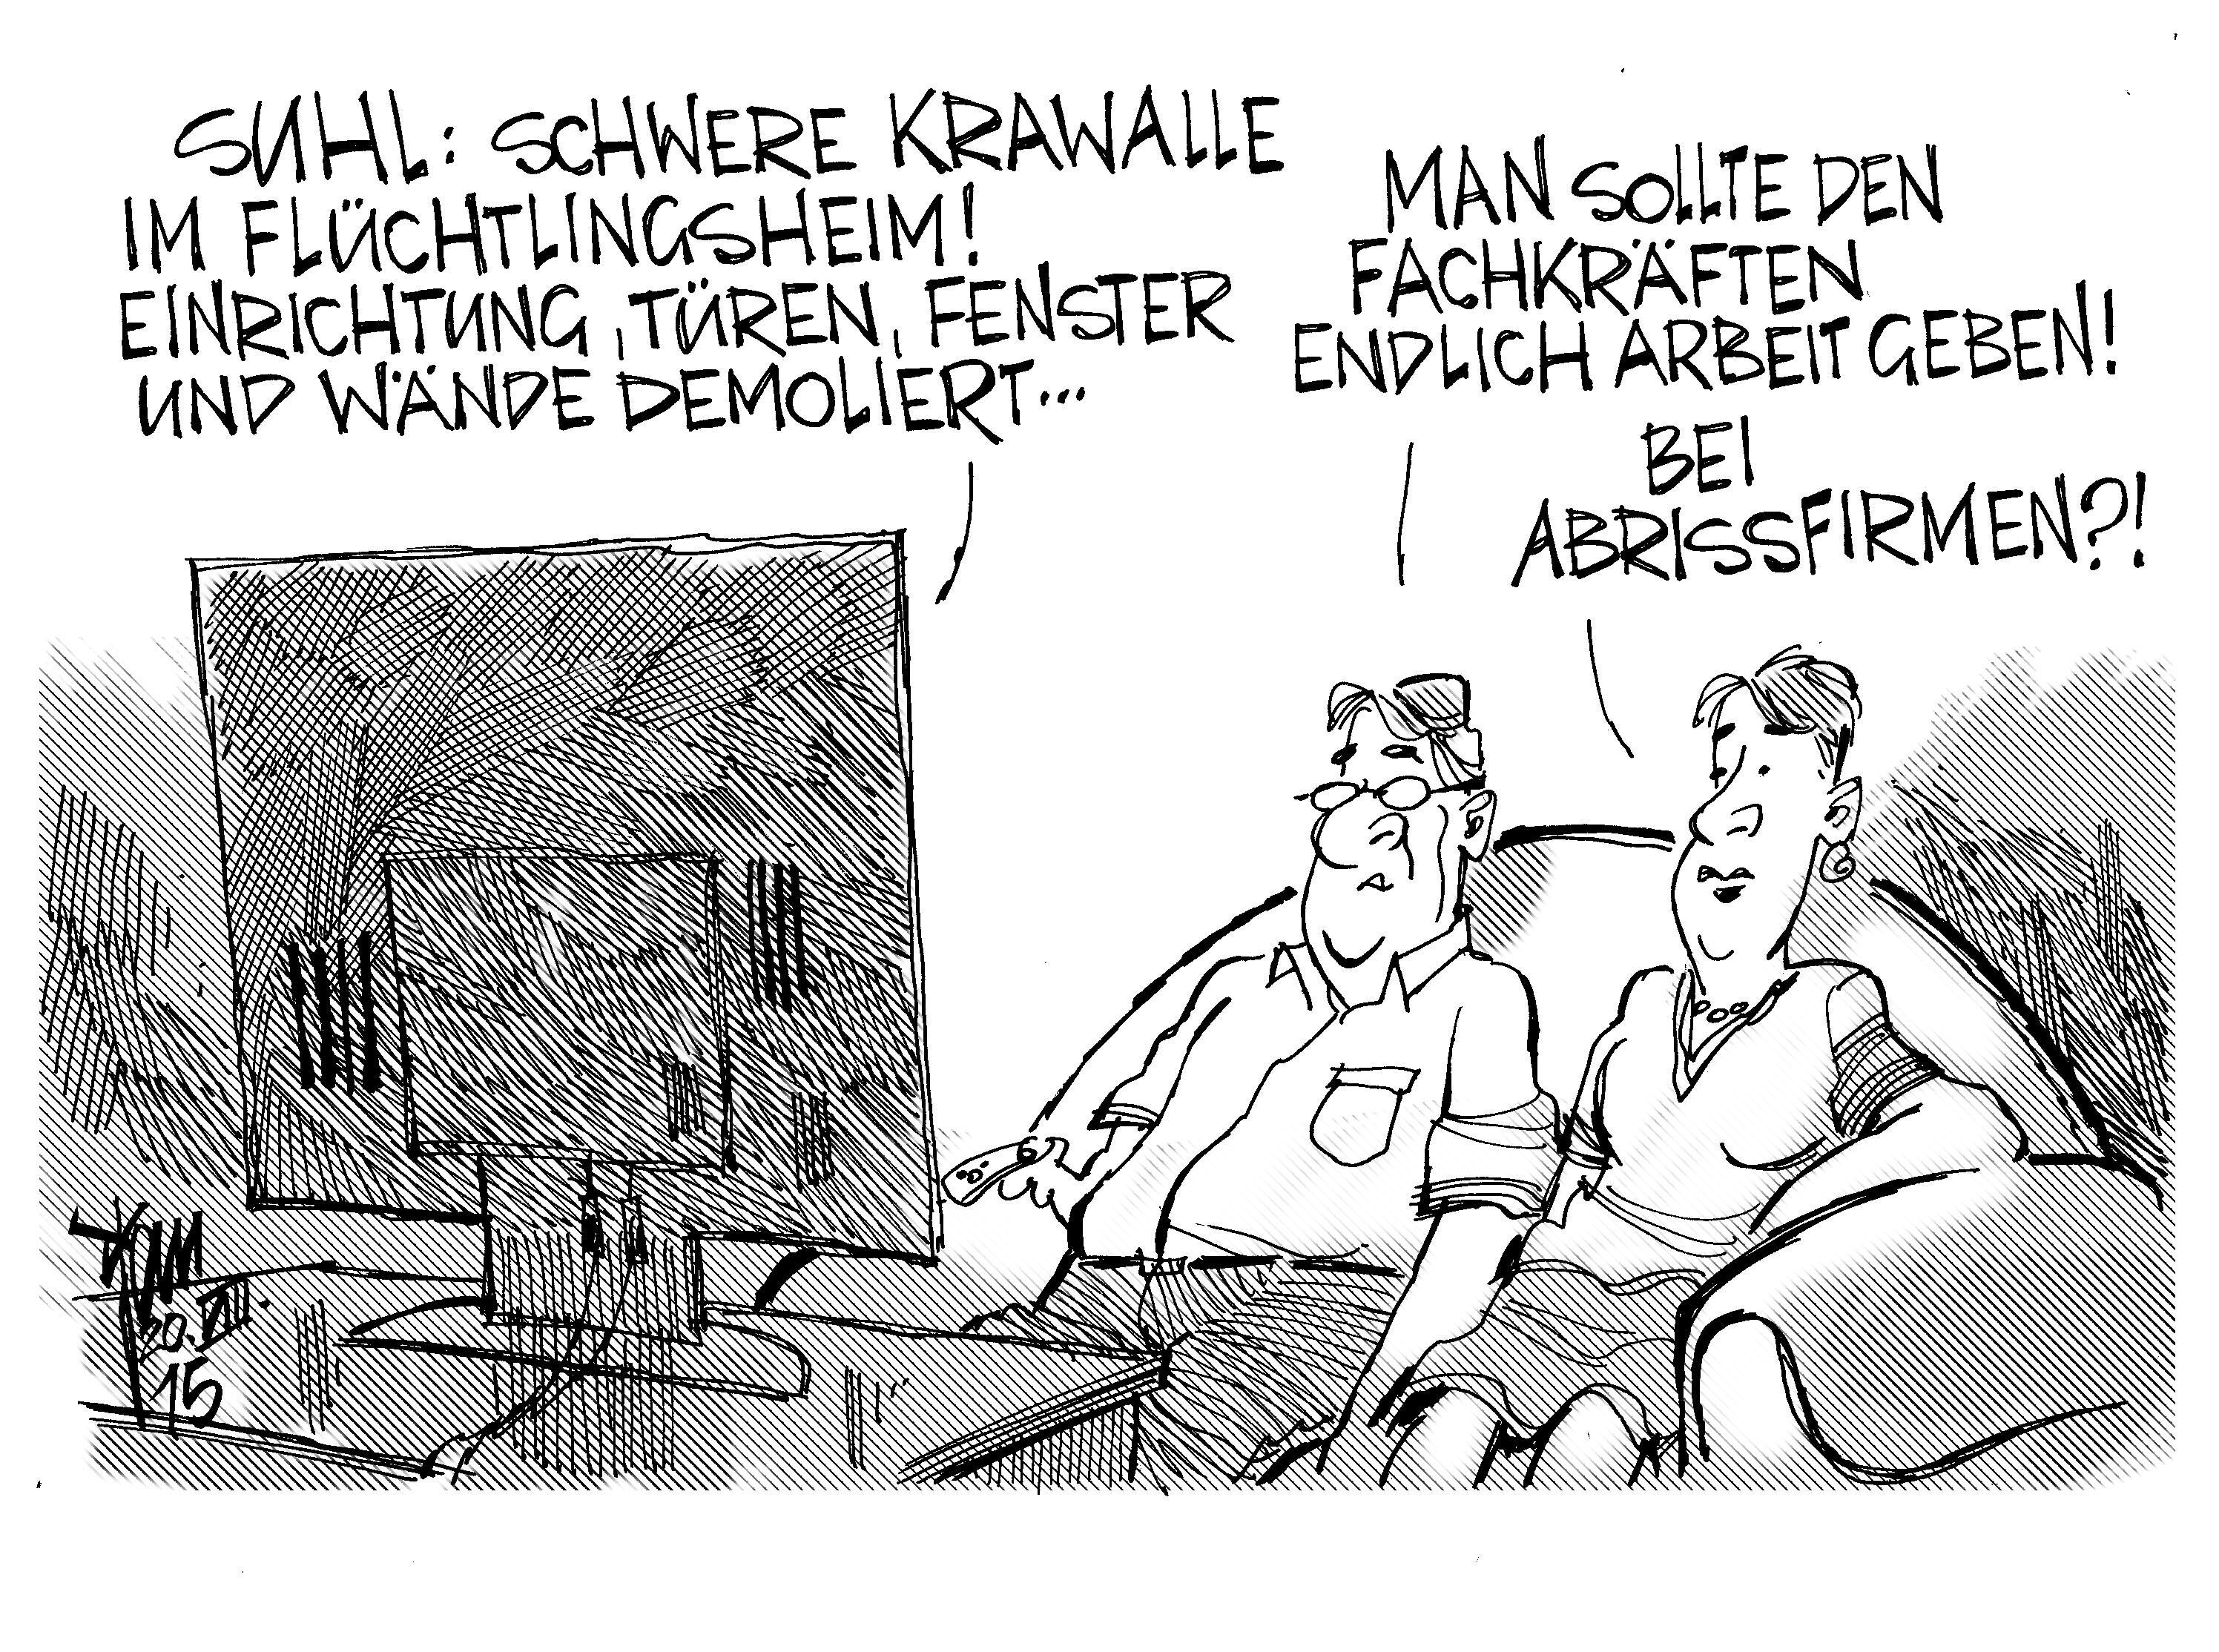 Wahlkampf in Niedersachsen Archives - bet at home 100 Bonus bet at home Affiliate-Forum bet at home im freien Spiel Risiko Janson-Karikatur